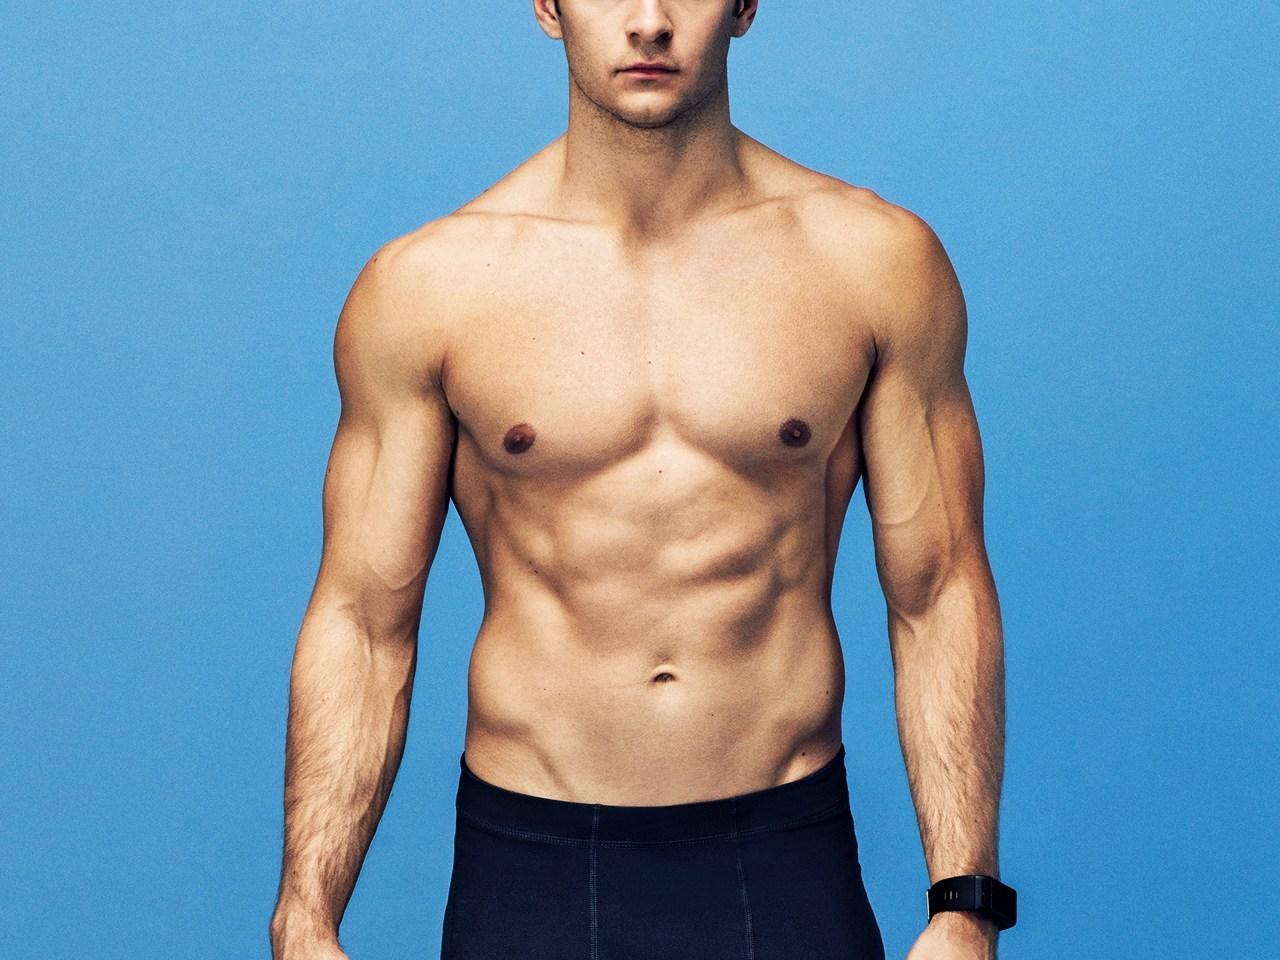 بالصور جسم الرجل , اجسام اغرب واضخم الرجال 3897 2